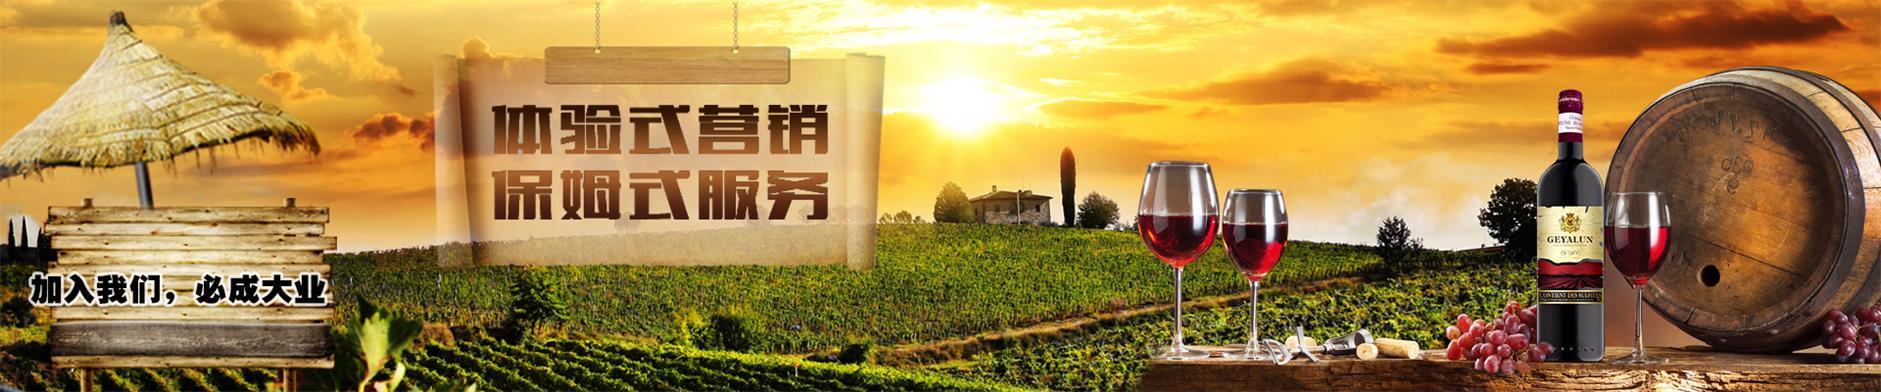 郑州原瓶进口葡萄酒招商加盟 铸造辉煌 沃顿国际贸易供应